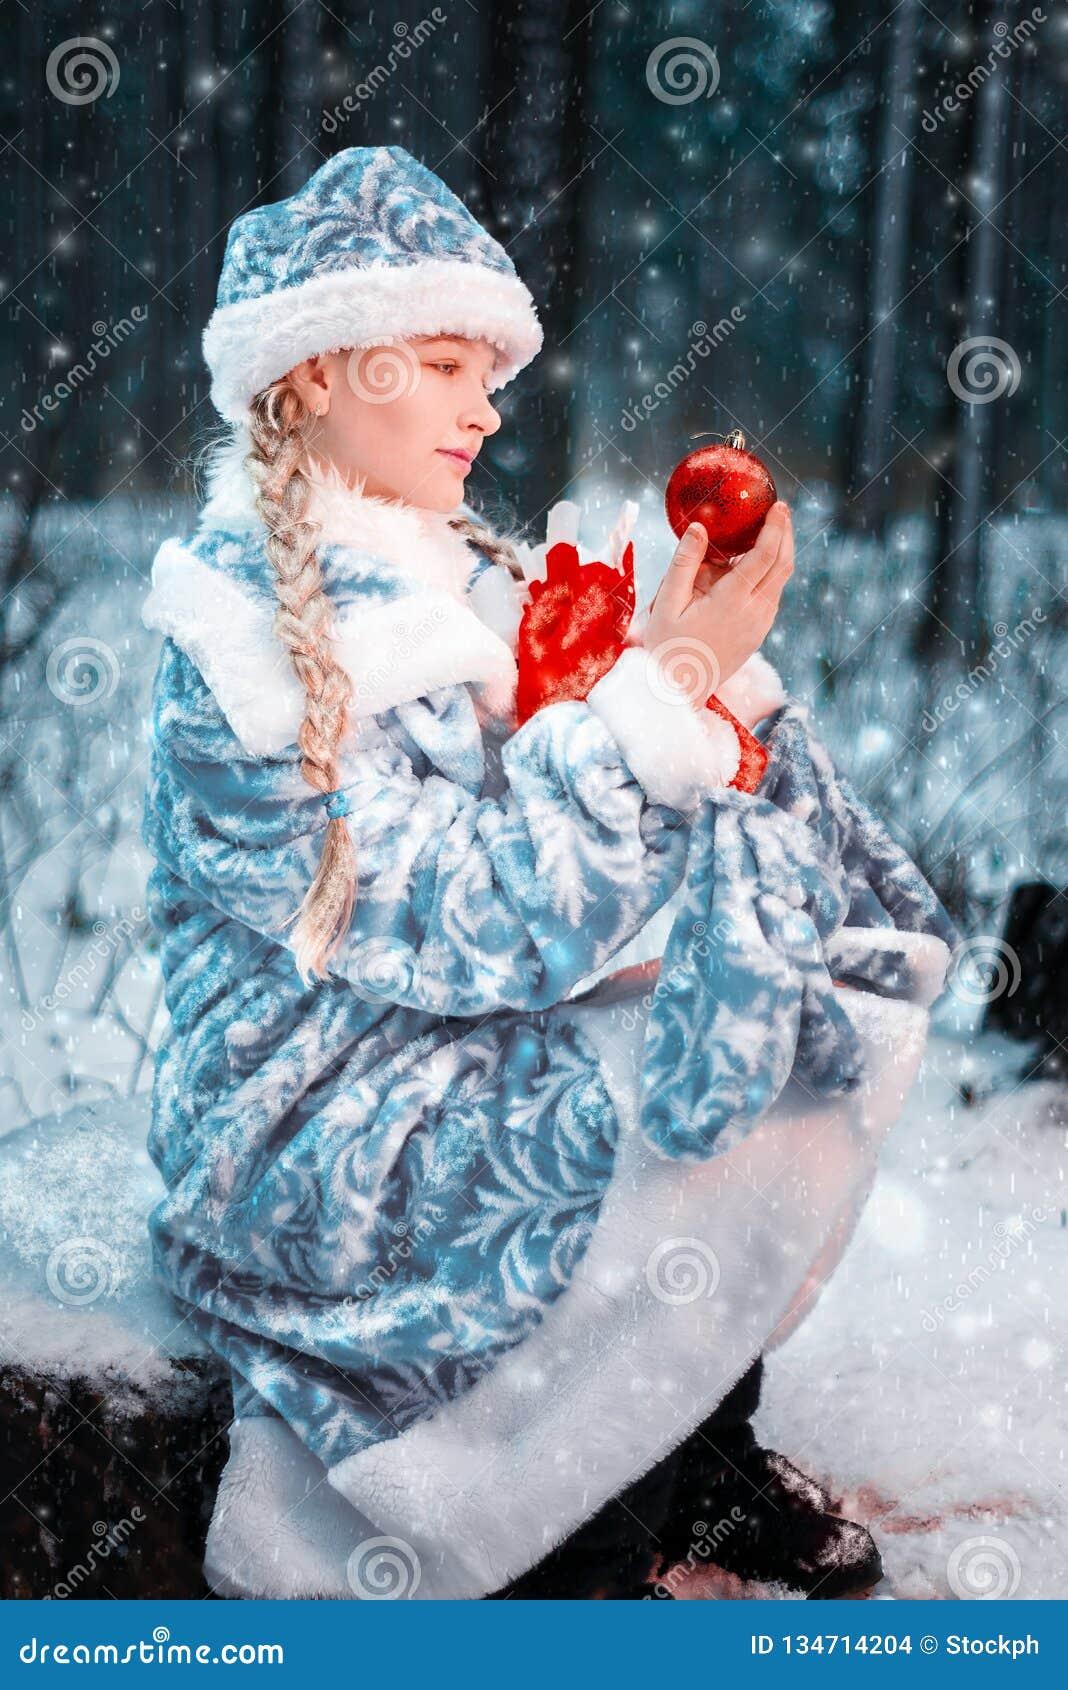 Romantisk snöjungfru i en festlig dräkt lilla flickan rymmer nytt års leksak och påse med gåvor glad vinterskog